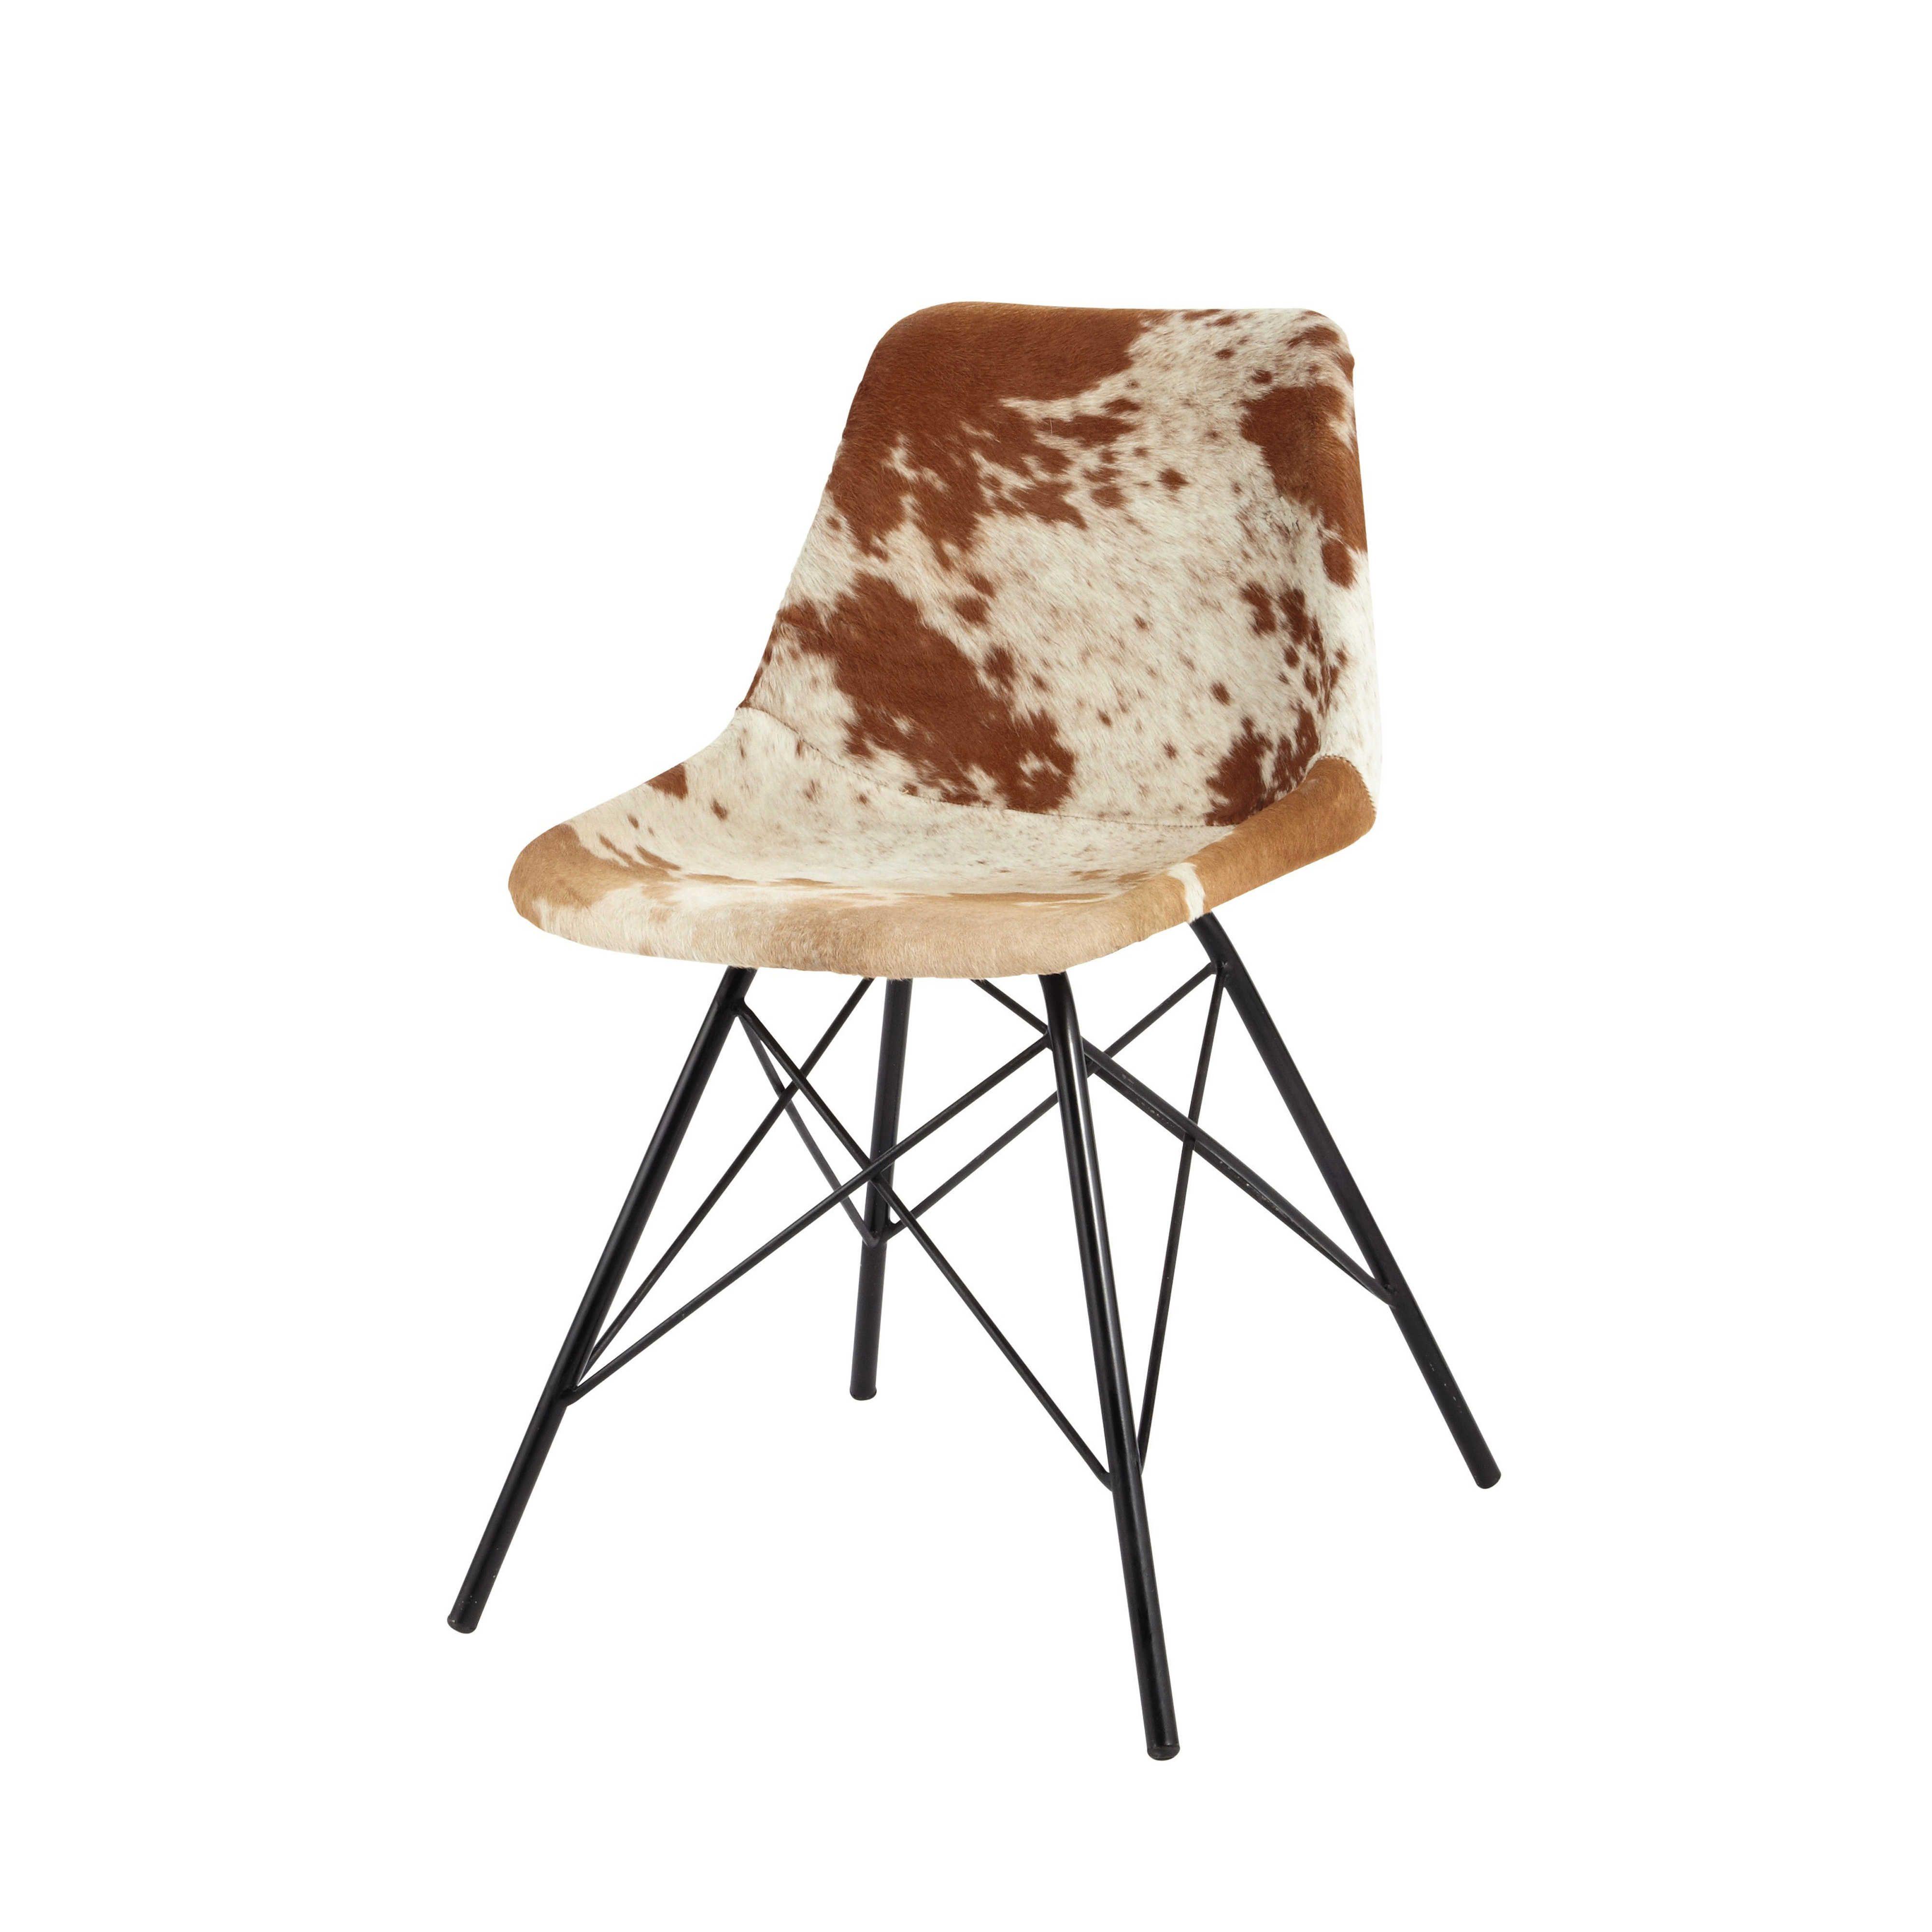 Sedie Metallo E Cuoio.Sedia In Cuoio E Metallo Metal Chairs Rocking Chair Makeover